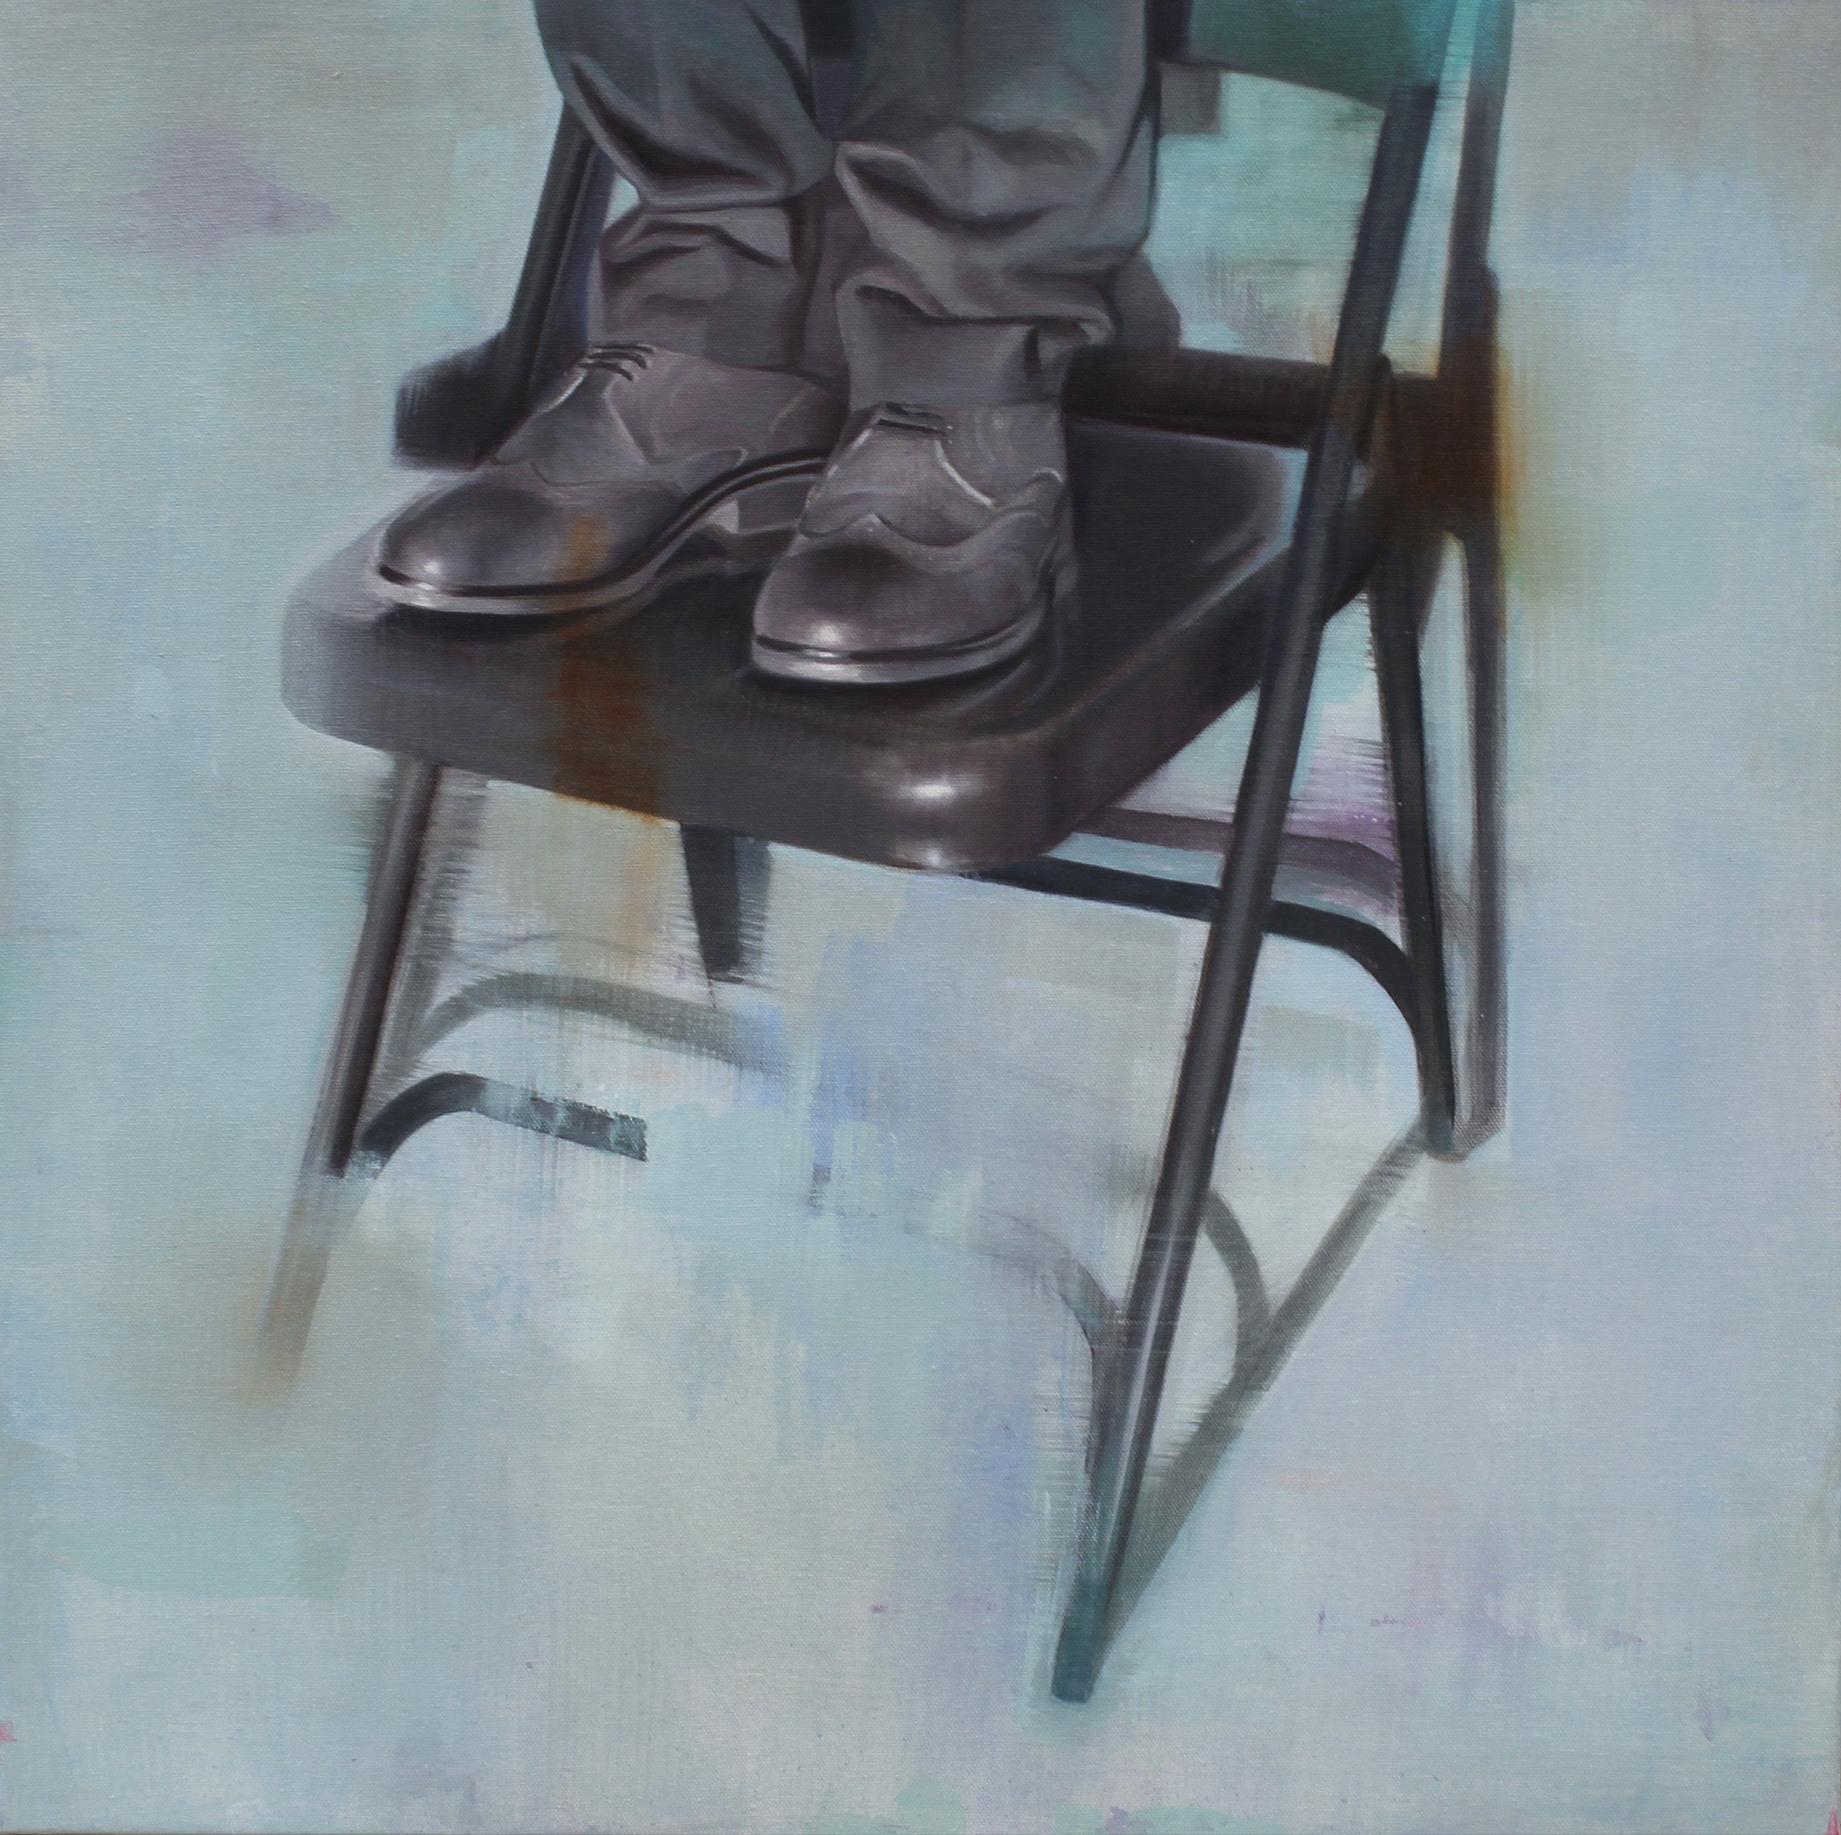 Reposo 2. Oil on canvas. 24x24 inches. 2017